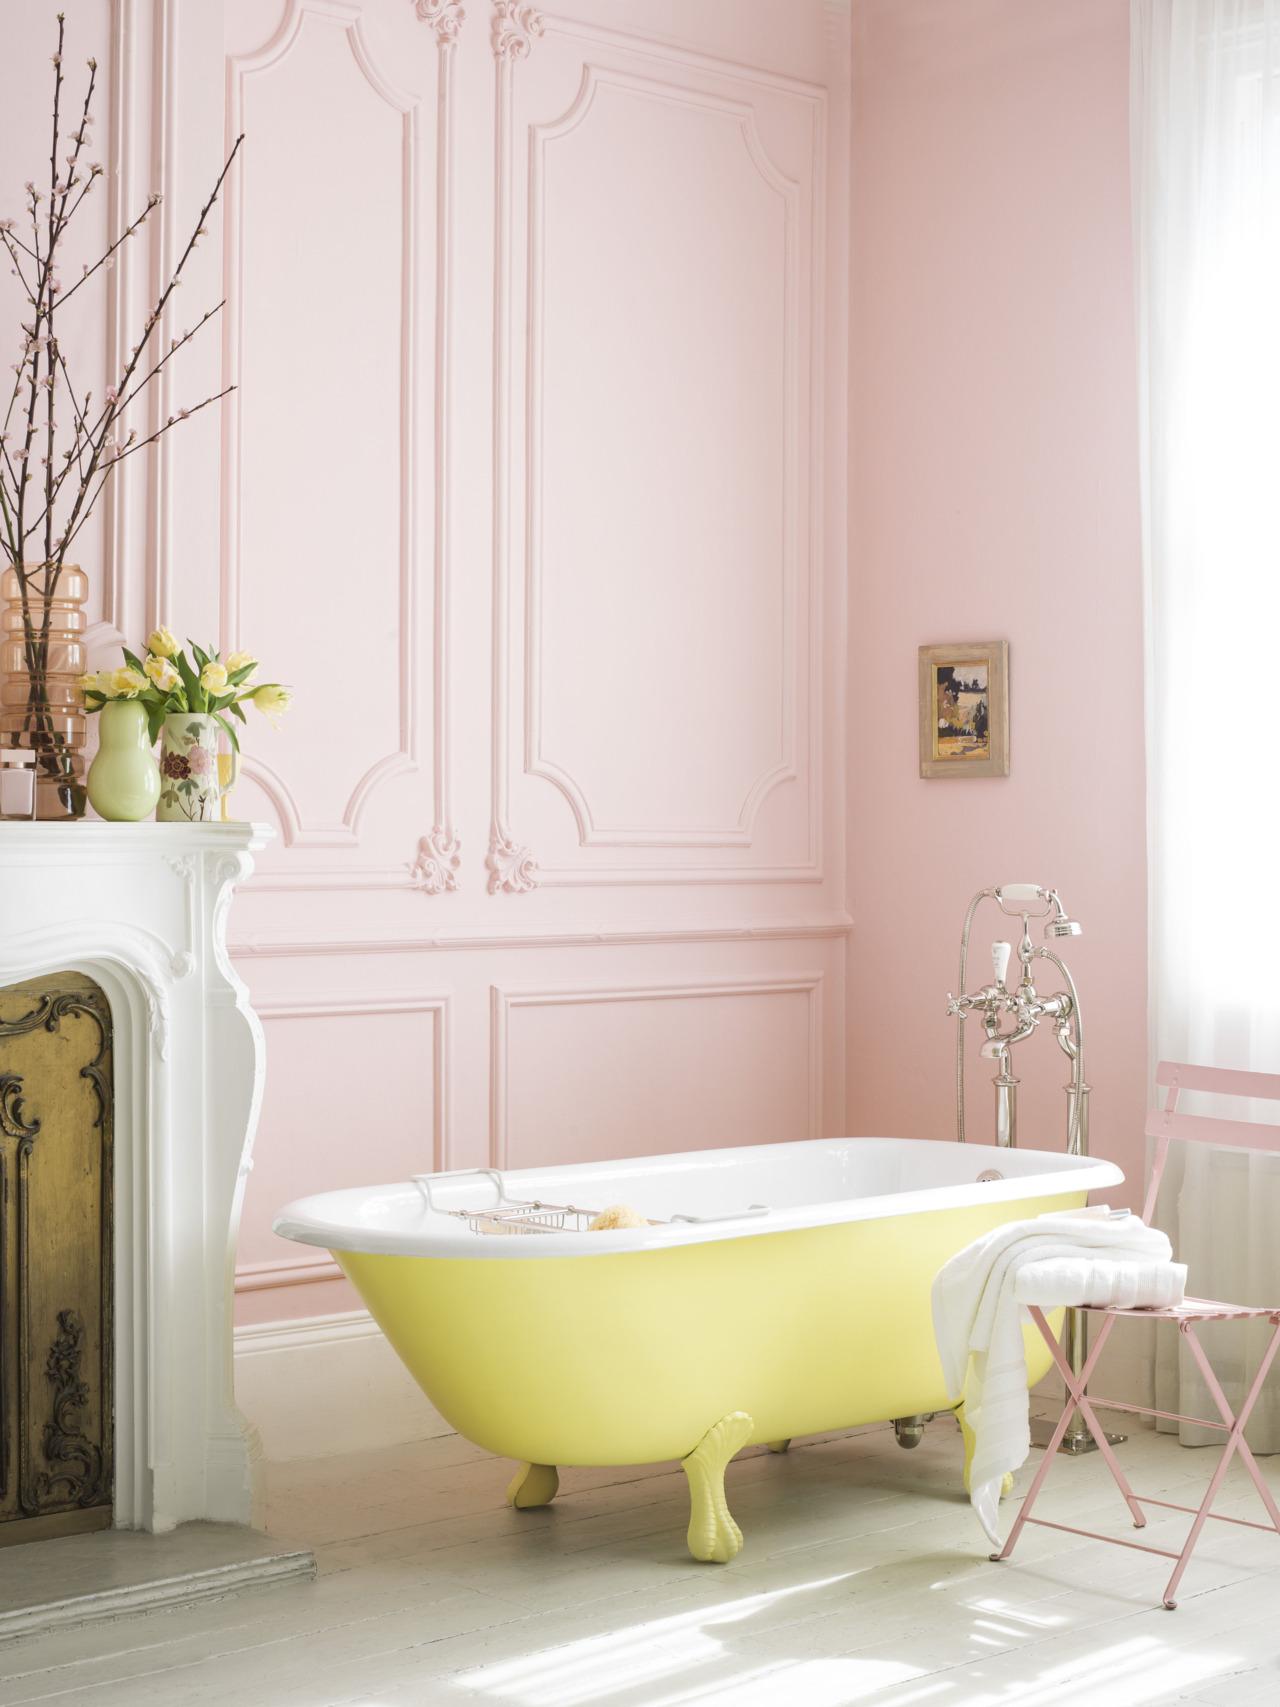 Mobili Per Bagno In Stile Provenzale : Arredamento bagno in stile ...